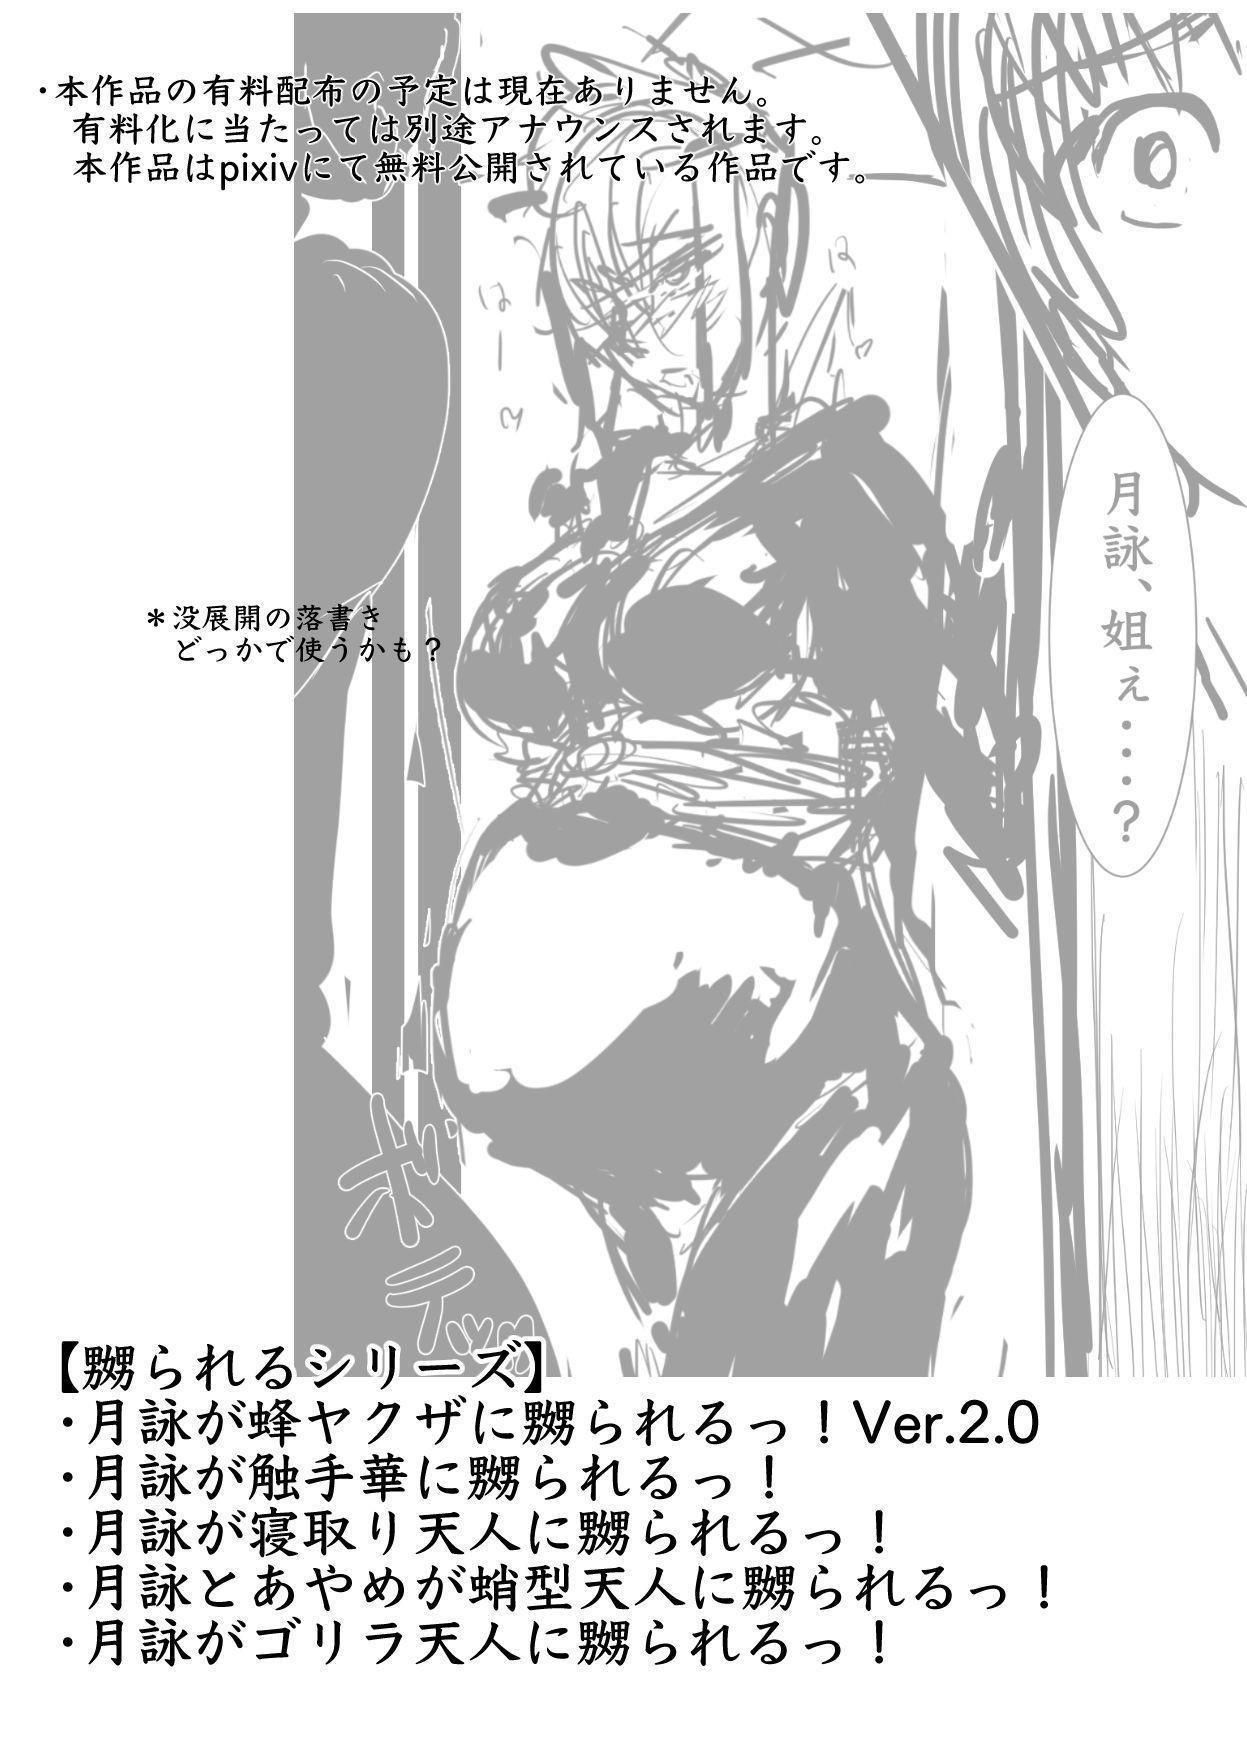 月詠が性奴隷調教器に嬲られるっ!【習作】 37